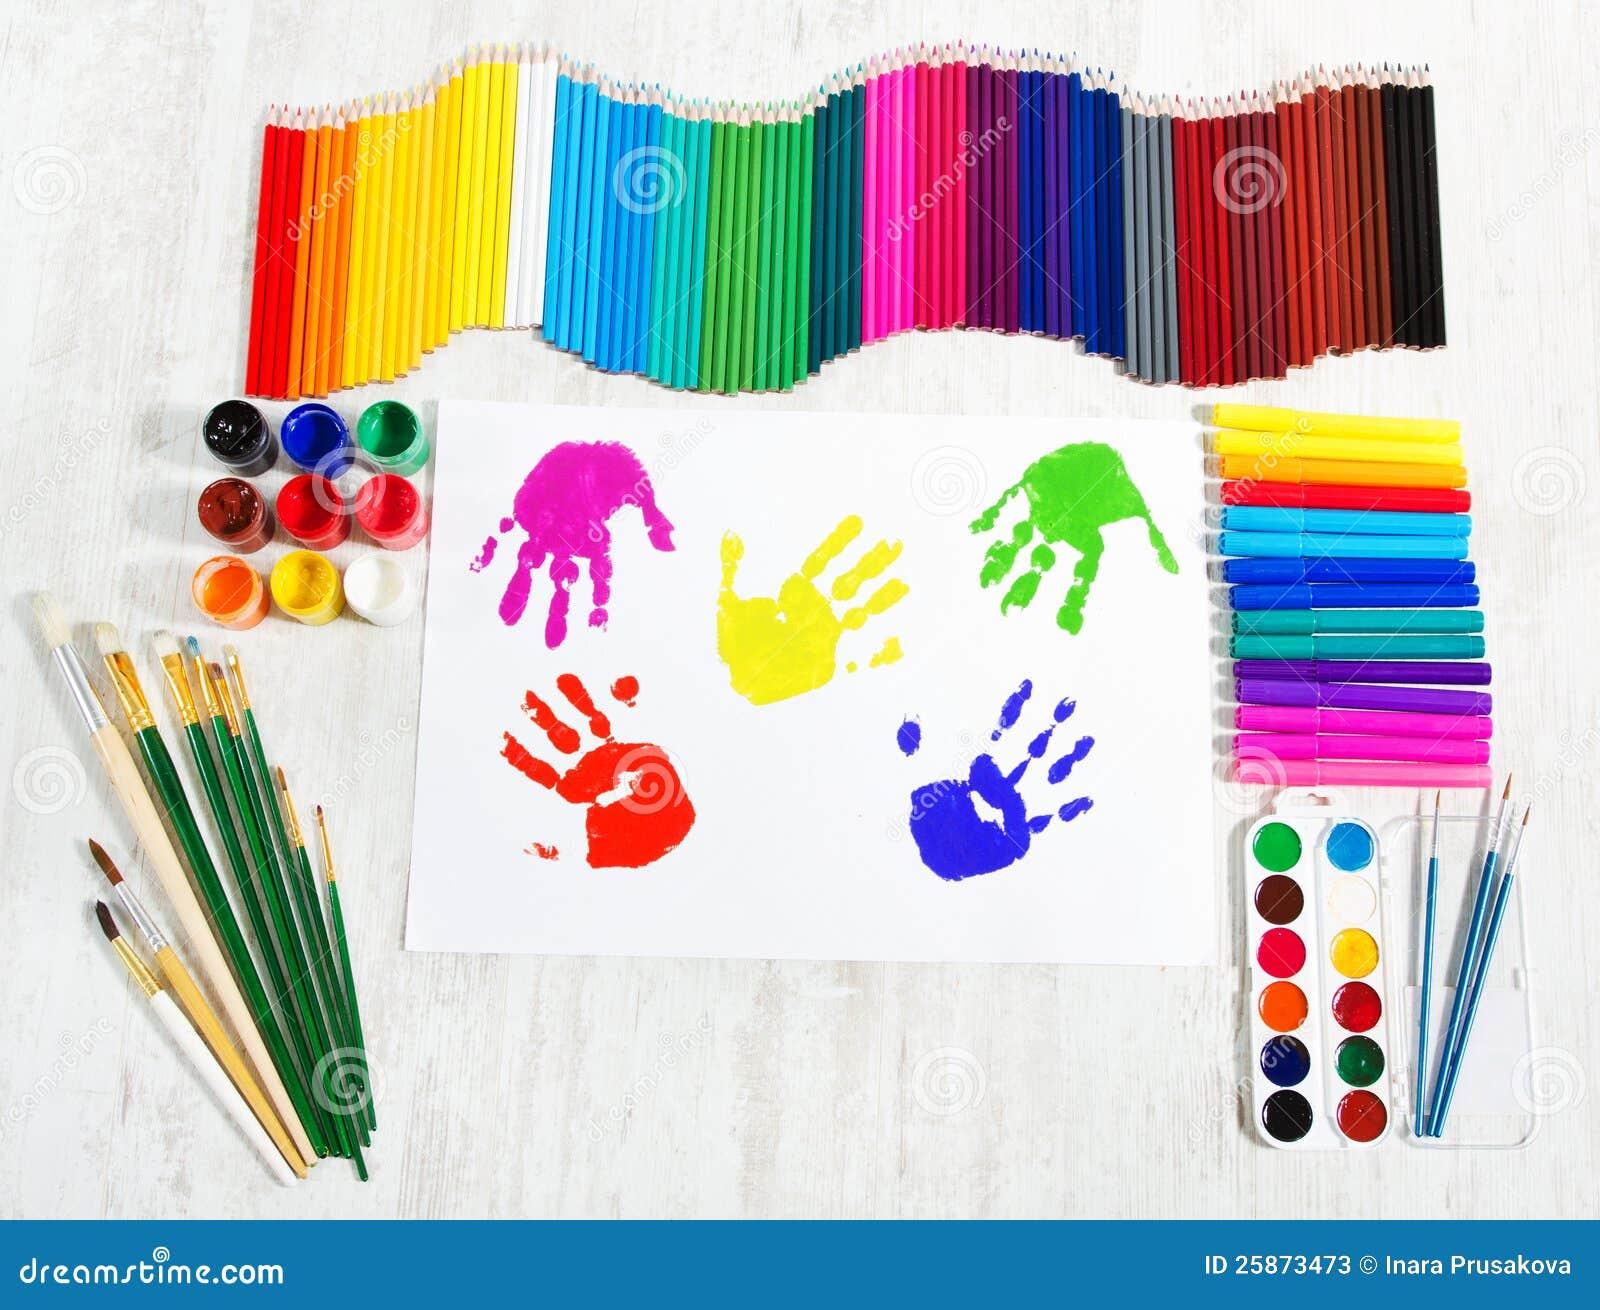 Outils de peinture impressions de main d 39 enfant cr ativit photos stock image 25873473 - Peinture main enfant ...